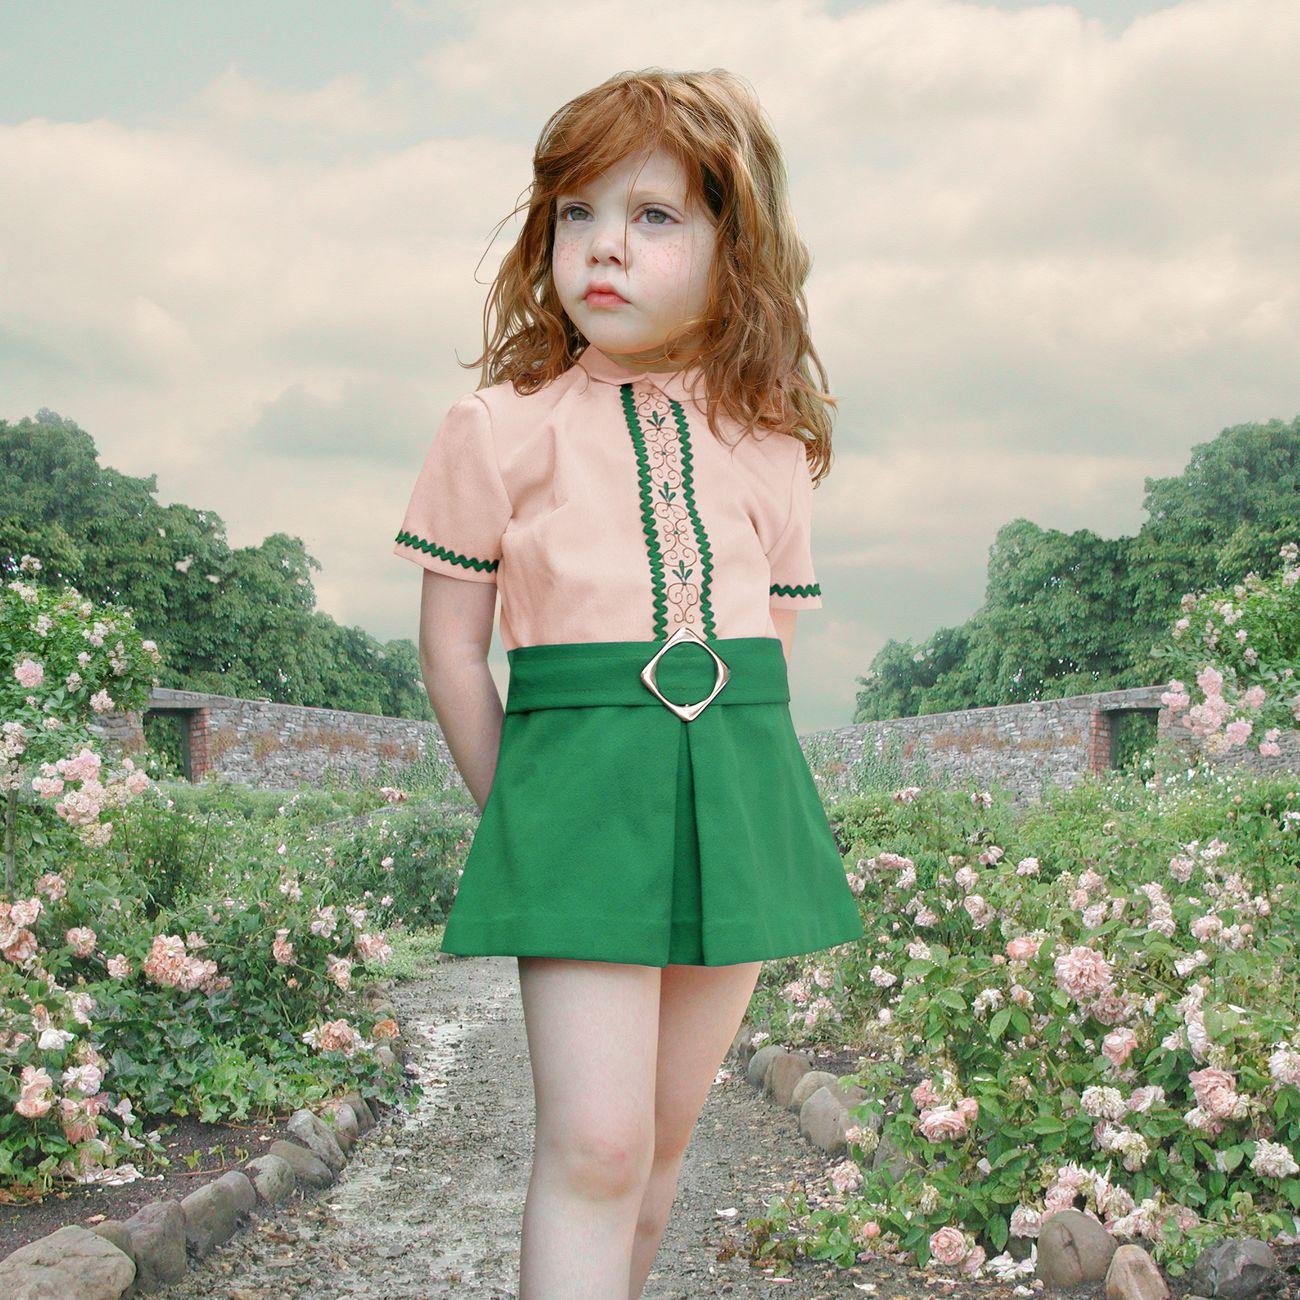 Loretta Lux, The Rose Garden, 2001 © Loretta Lux, Courtesy Yossi Milo Gallery, New York